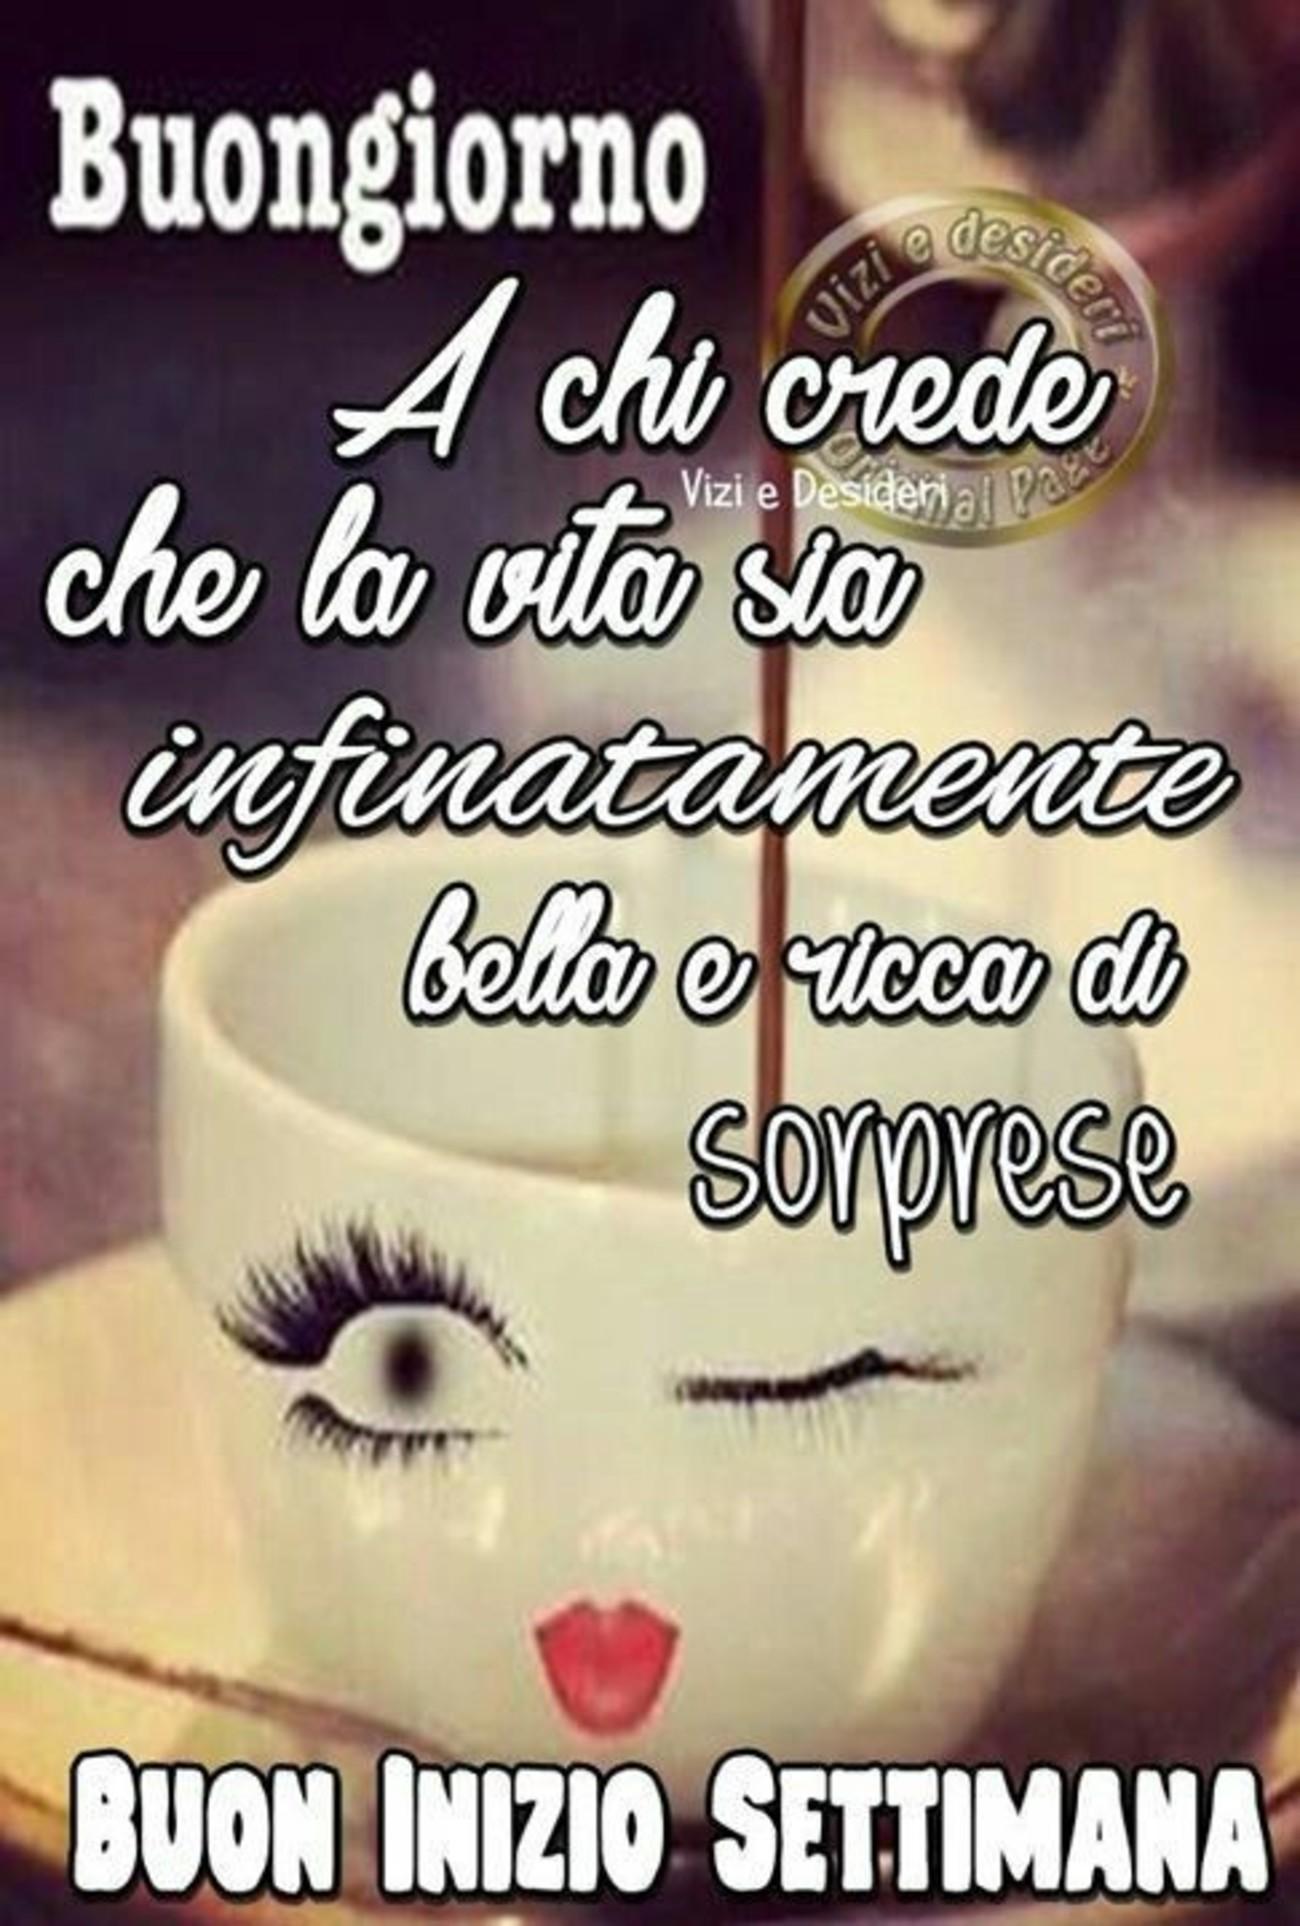 Buon luned immagini belle x whatsapp 245 buongiorno for Buon lunedi whatsapp